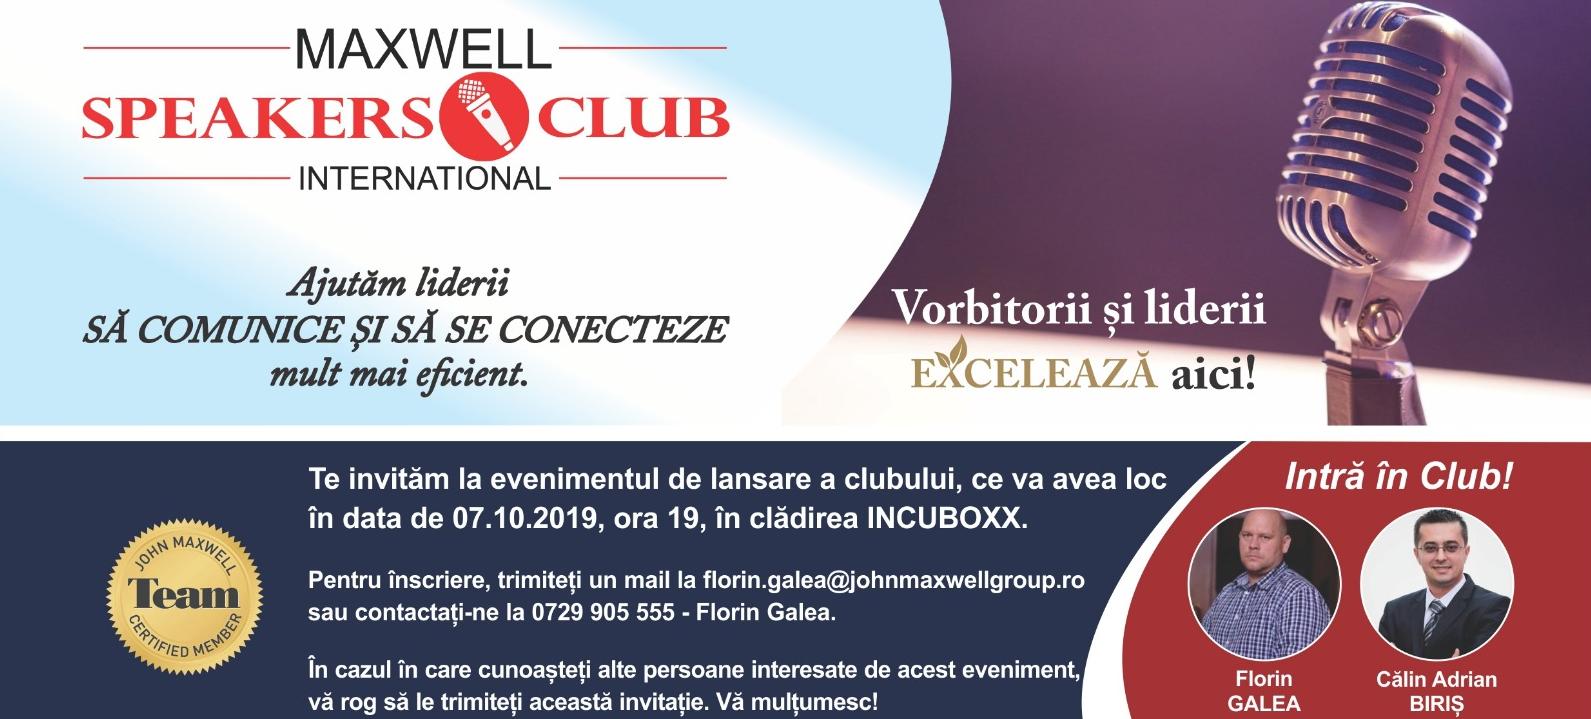 Maxwell Speakers Club International [JMT]